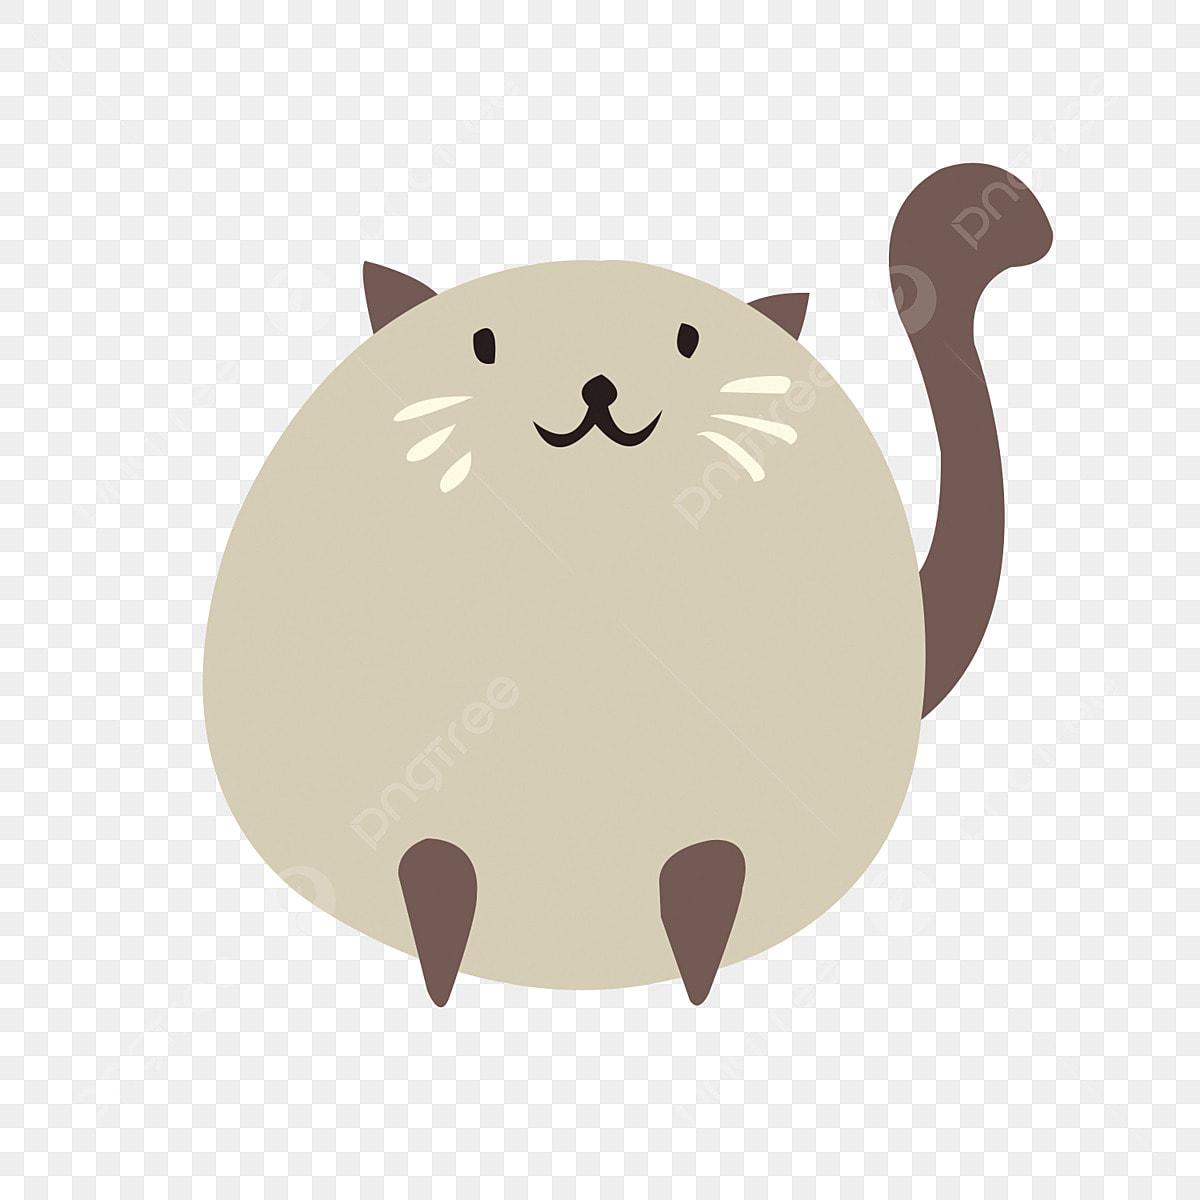 チンパンジー猫のかわいいトロトロ 漫画動物 漫画トトロ キュートトトロ画像とpsd素材ファイルの無料ダウンロード Pngtree